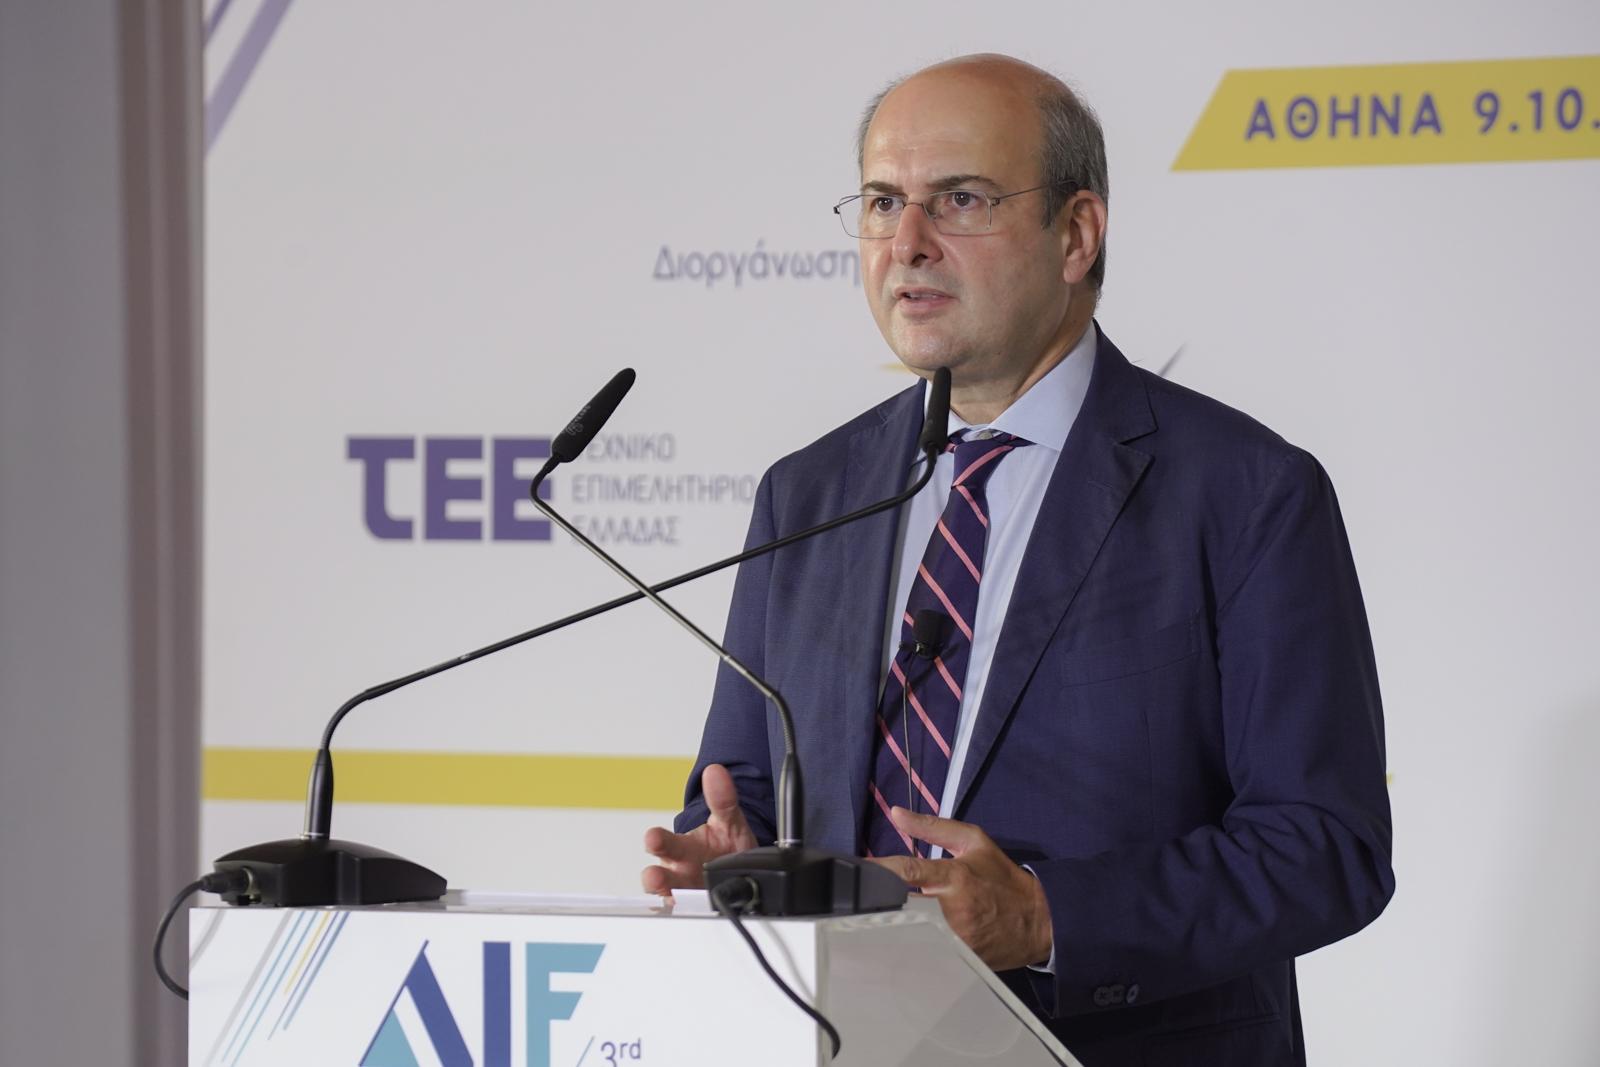 Κ. Χατζηδάκης: Η στήριξη των ΑΠΕ δεν θα επιβαρύνει καταναλωτές και επιχειρήσεις